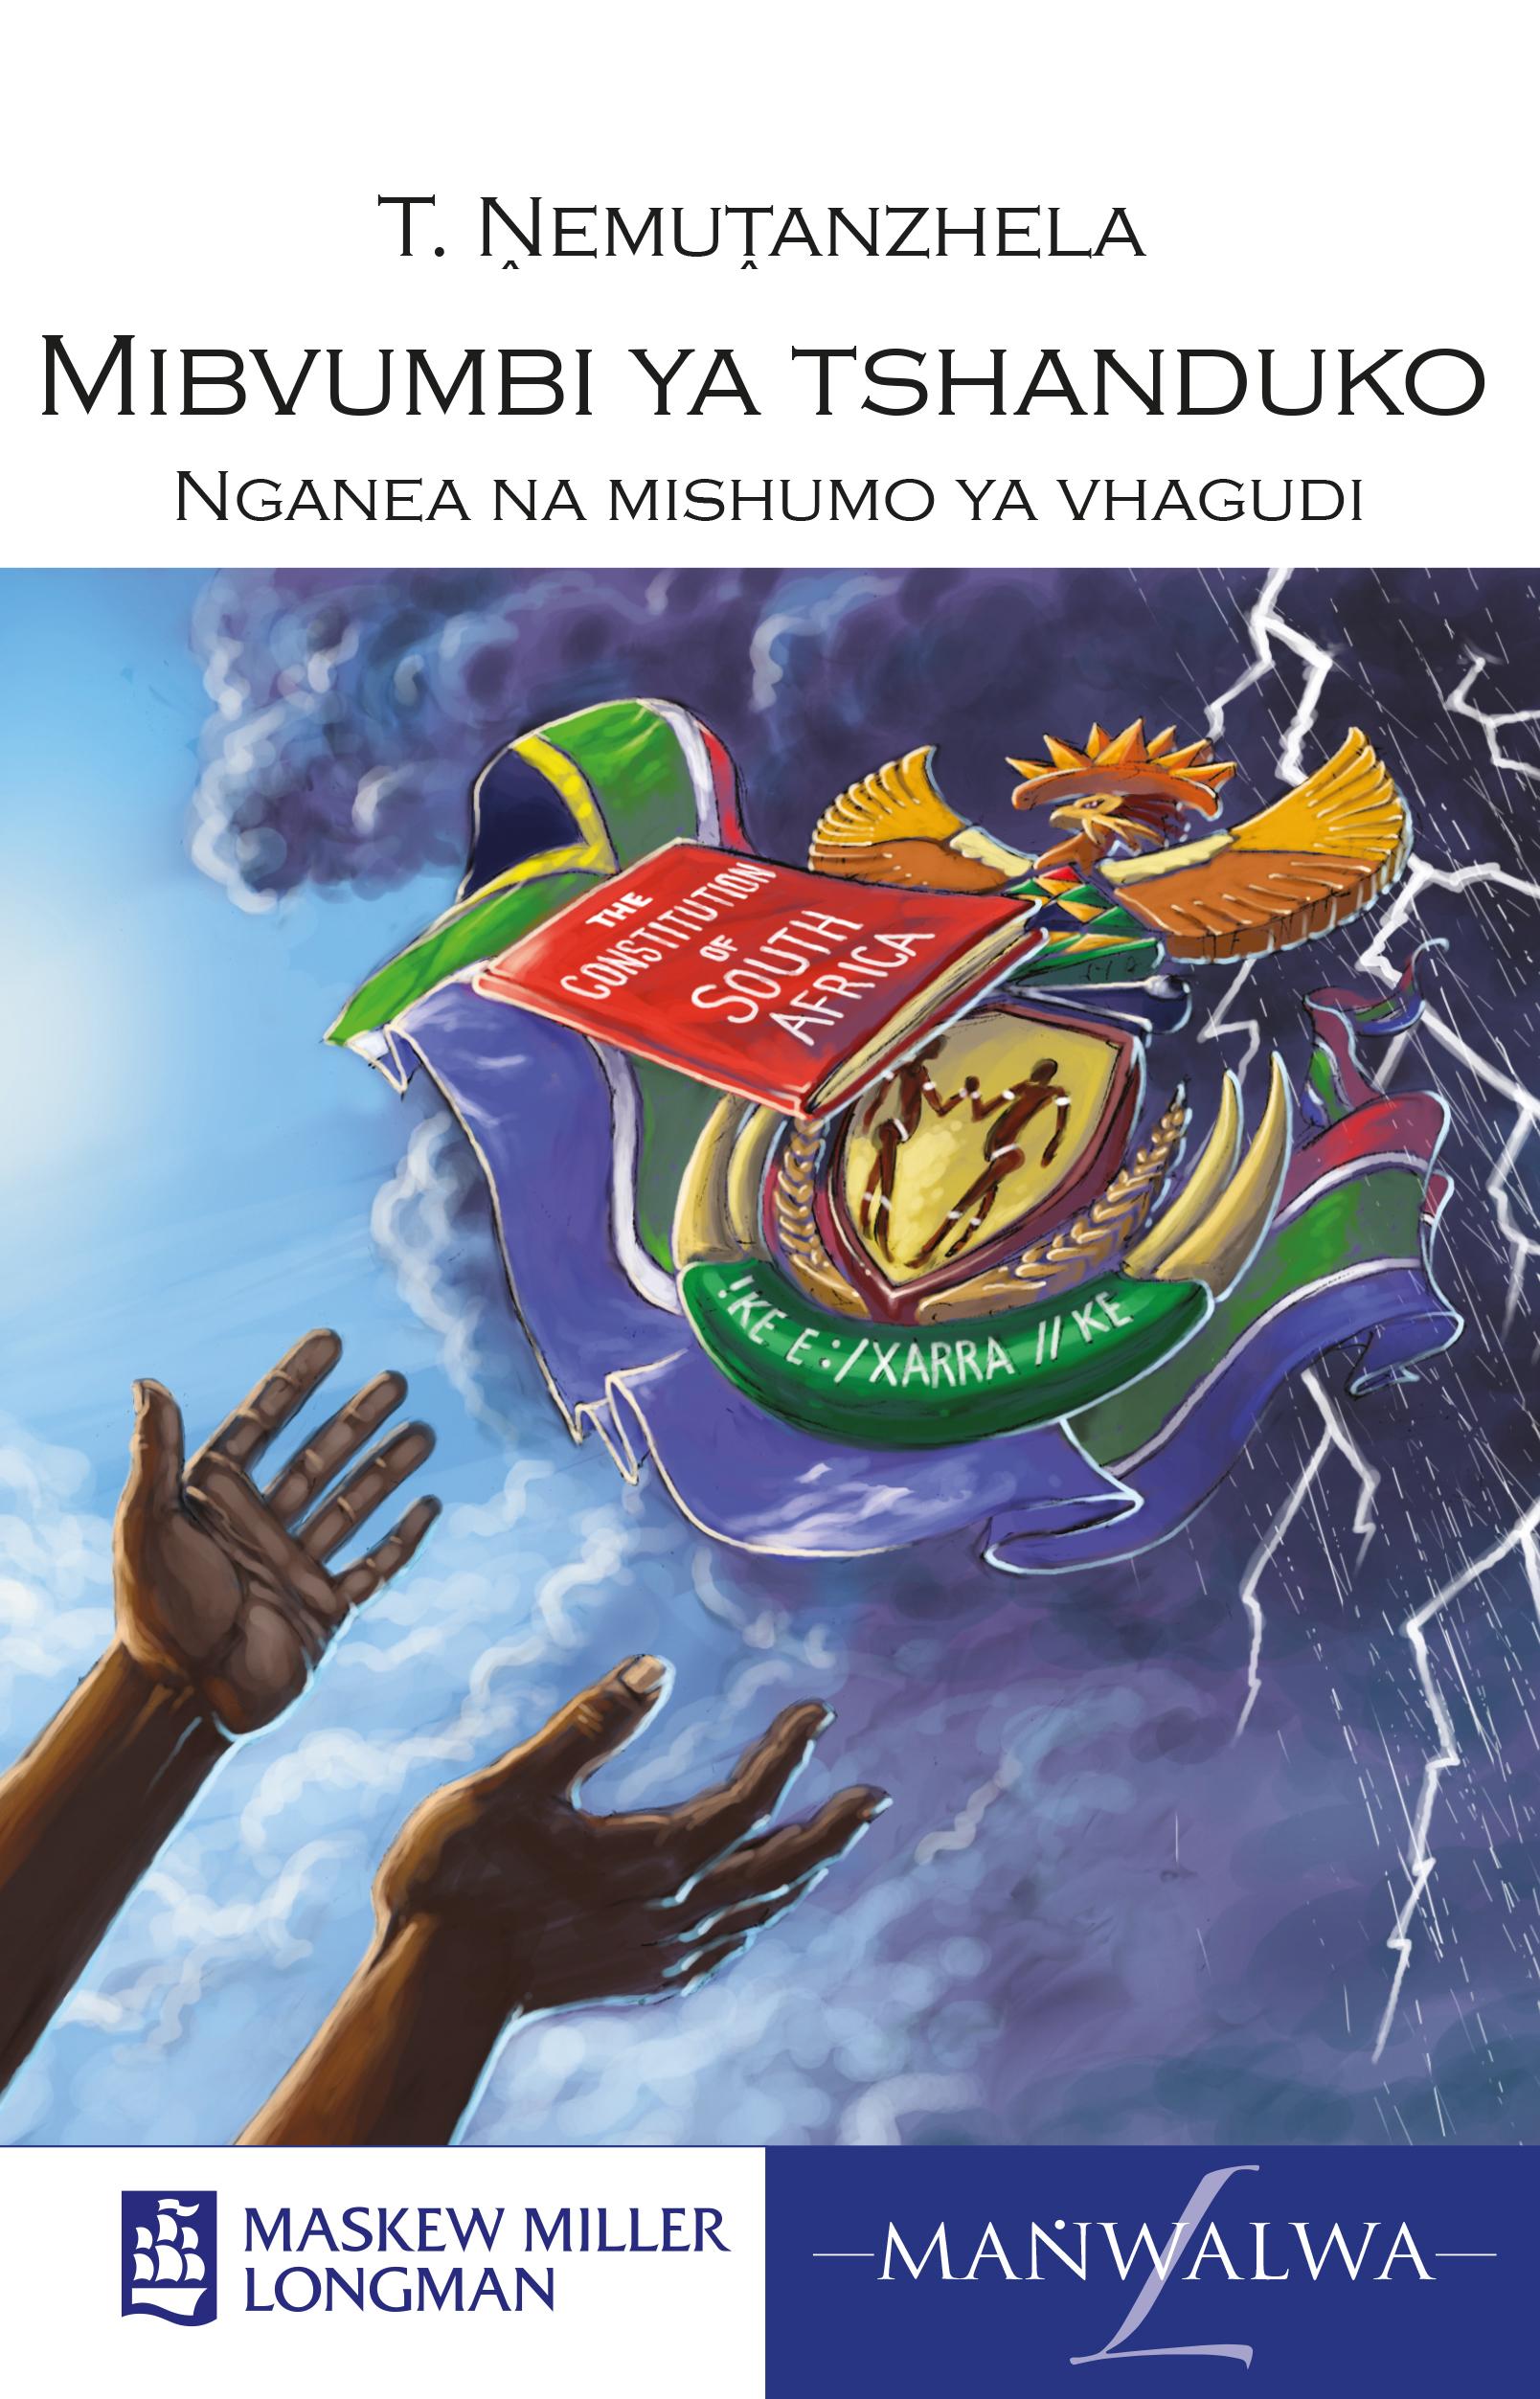 Picture of Mibvumbi ya tshanduko